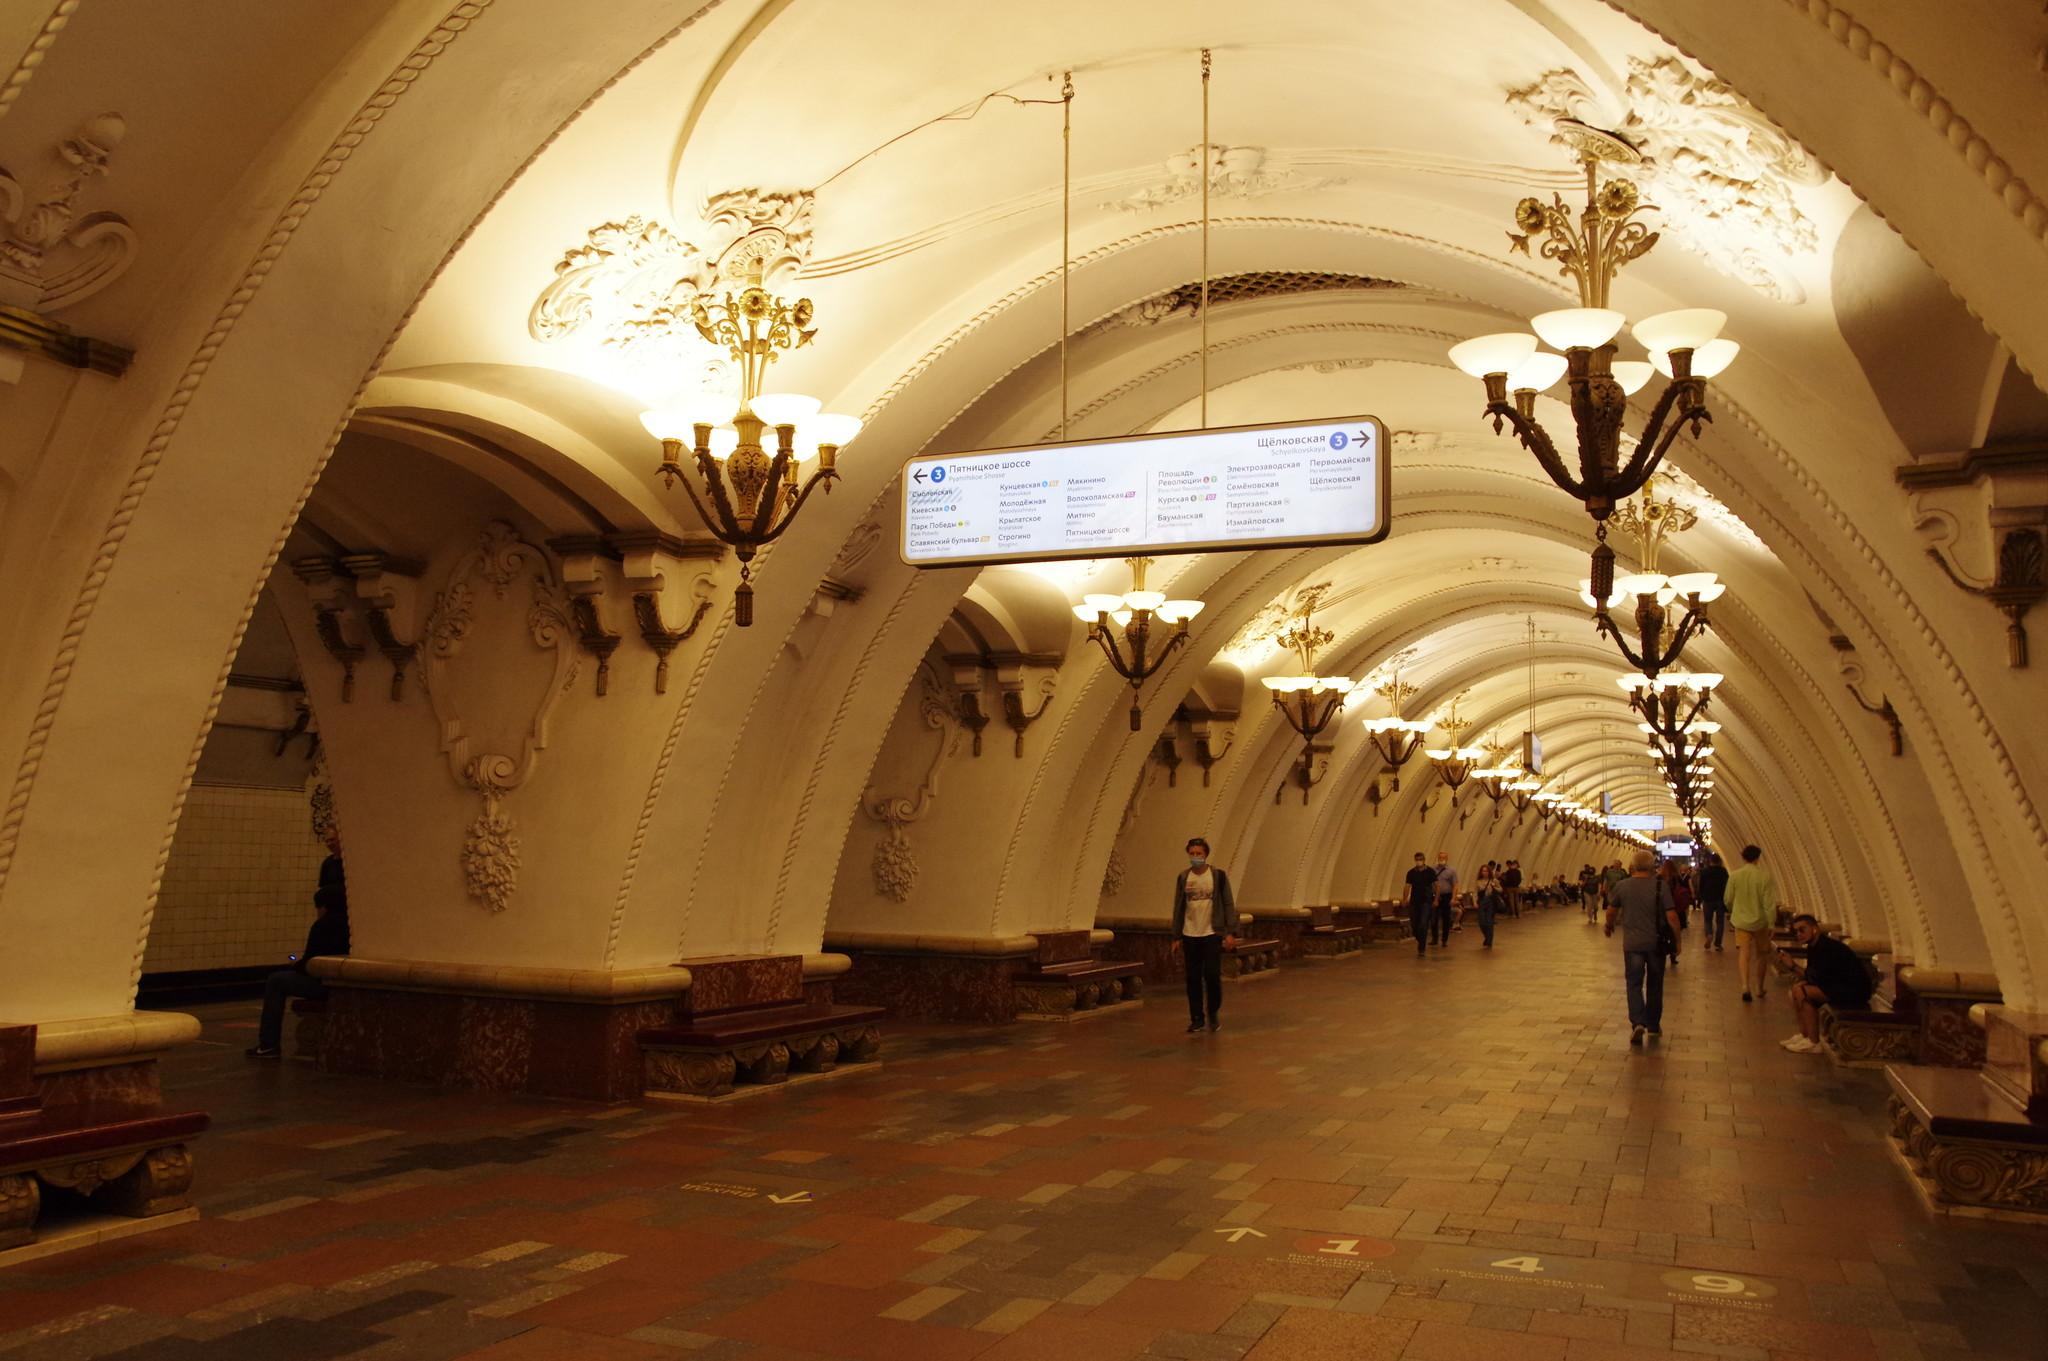 Пассажиры на станции «Арбатская» Арбатско-Покровской линии Московского метрополитена, проект которой создал архитектор Леонид Поляков